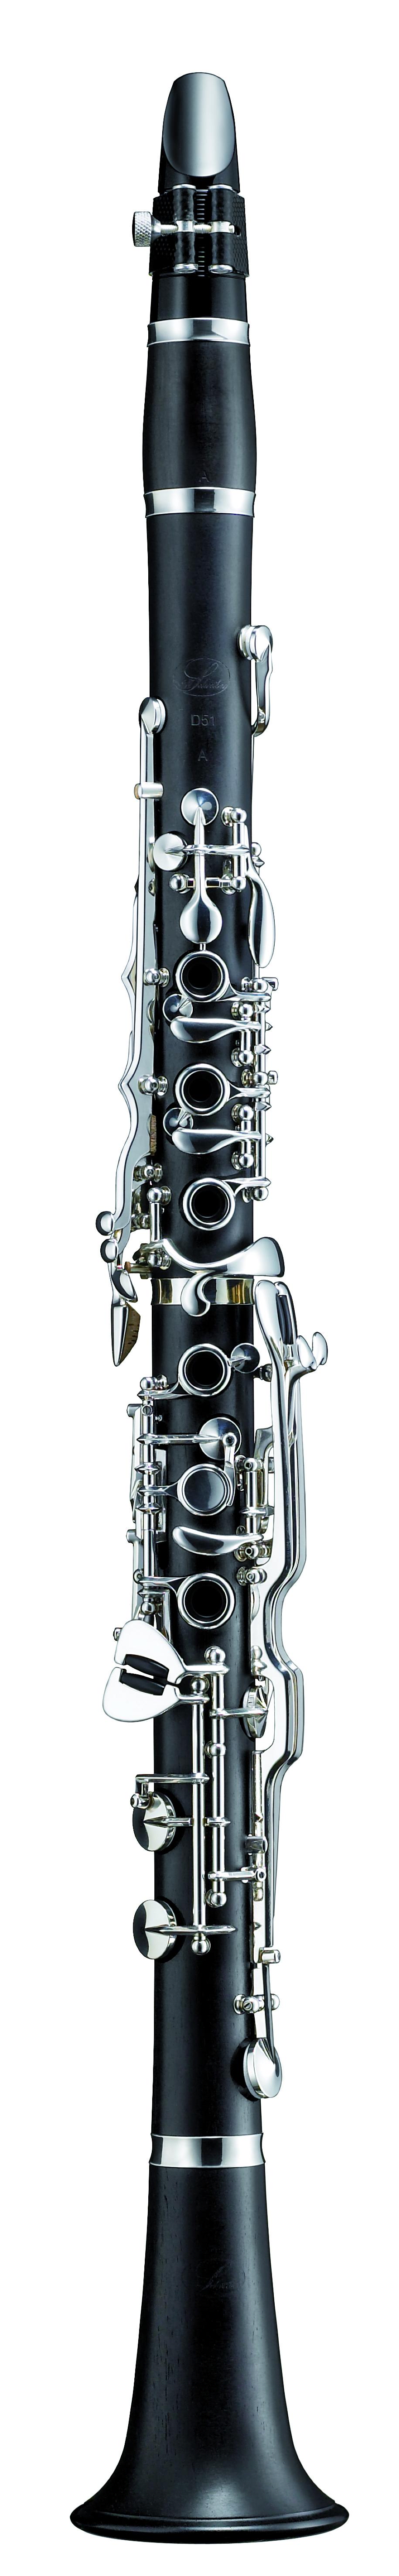 Schreiber - WS2651 - 2T - 0 - D51 - Holzblasinstrumente - Klarinetten | MUSIK BERTRAM Deutschland Freiburg